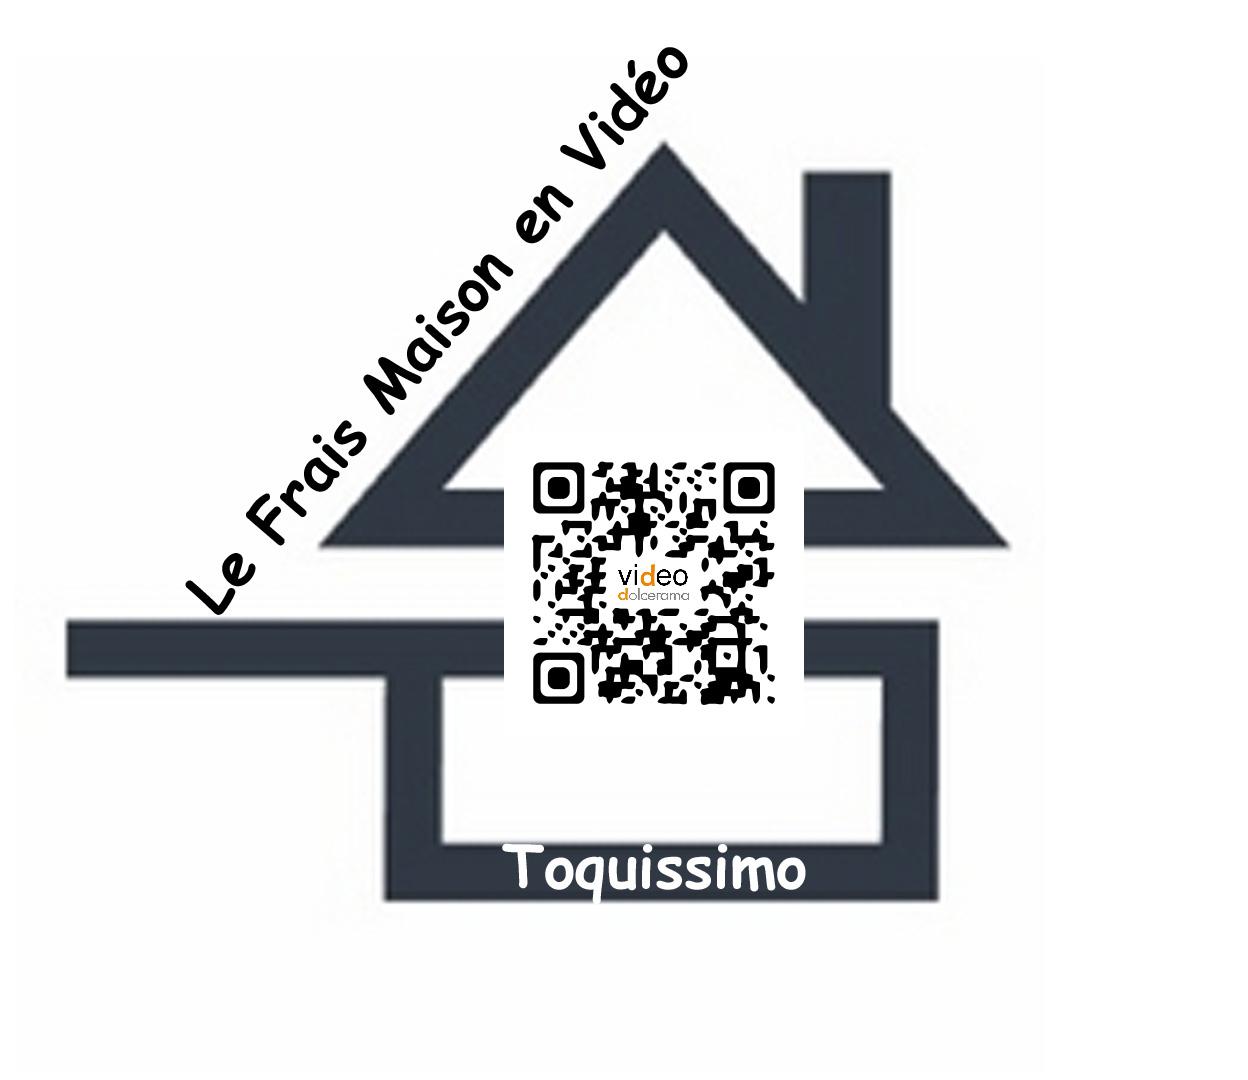 Logo fait maison un label pour trouver un bon resto o for Cuisine fait maison